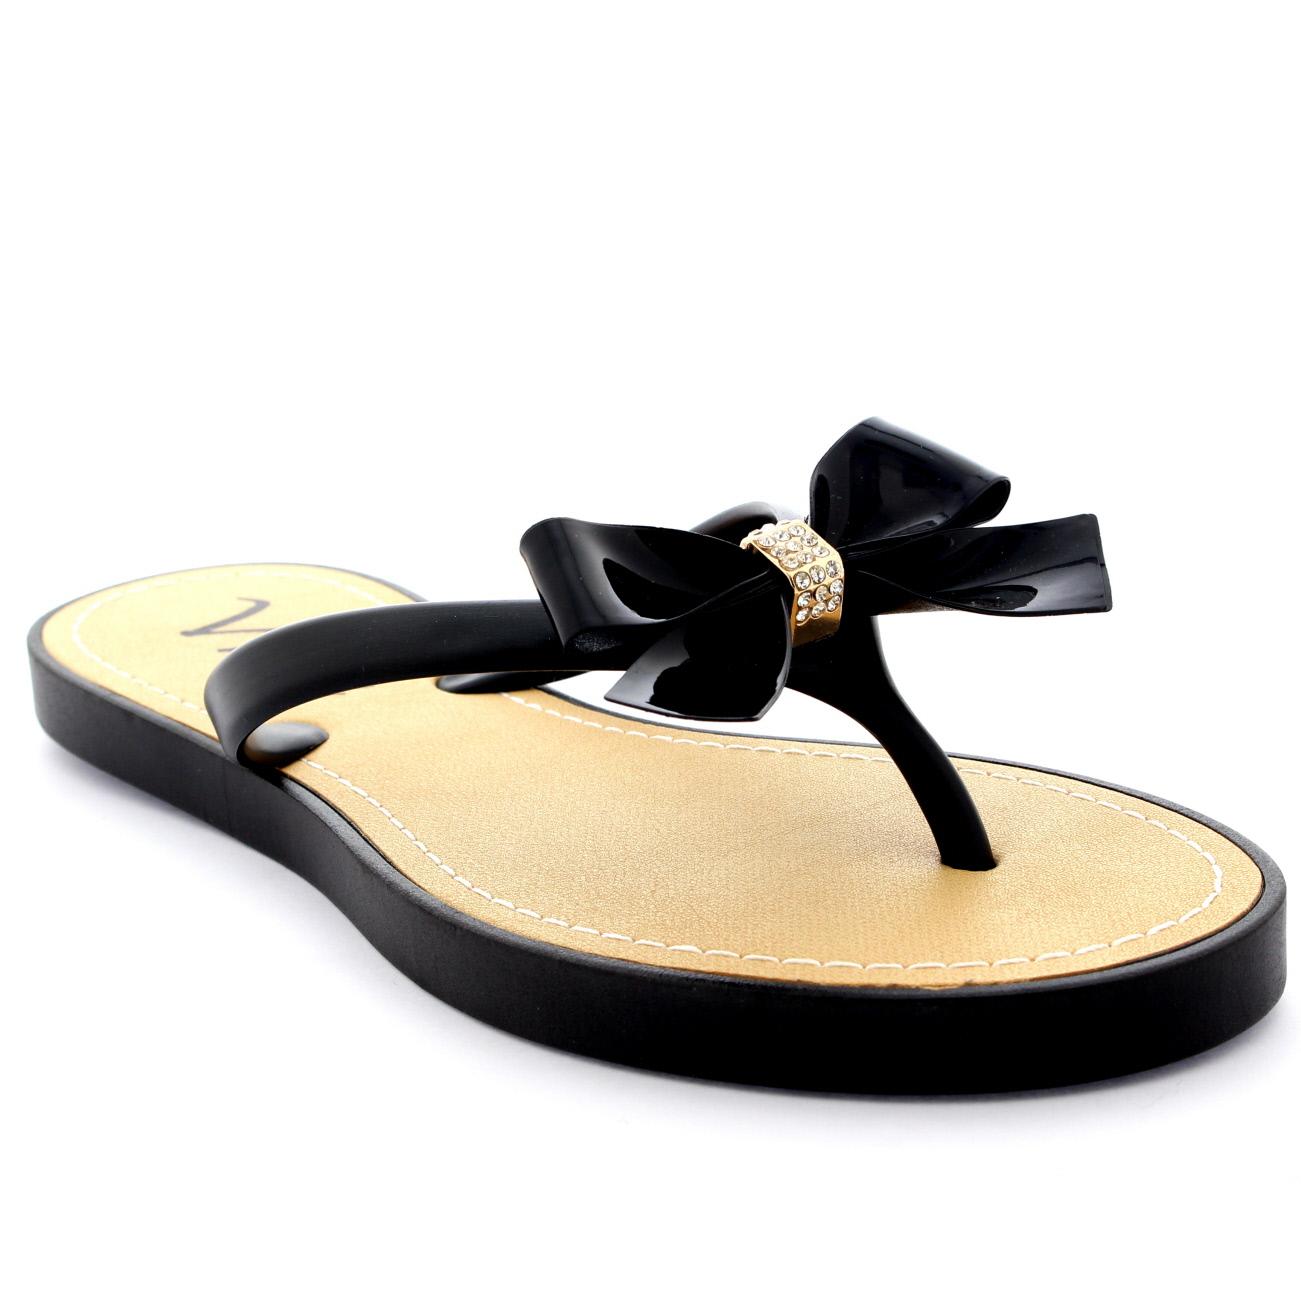 Womens Summer Slip On Holiday Sandals Festival Bow Diamante Flip Flops UK 3-9